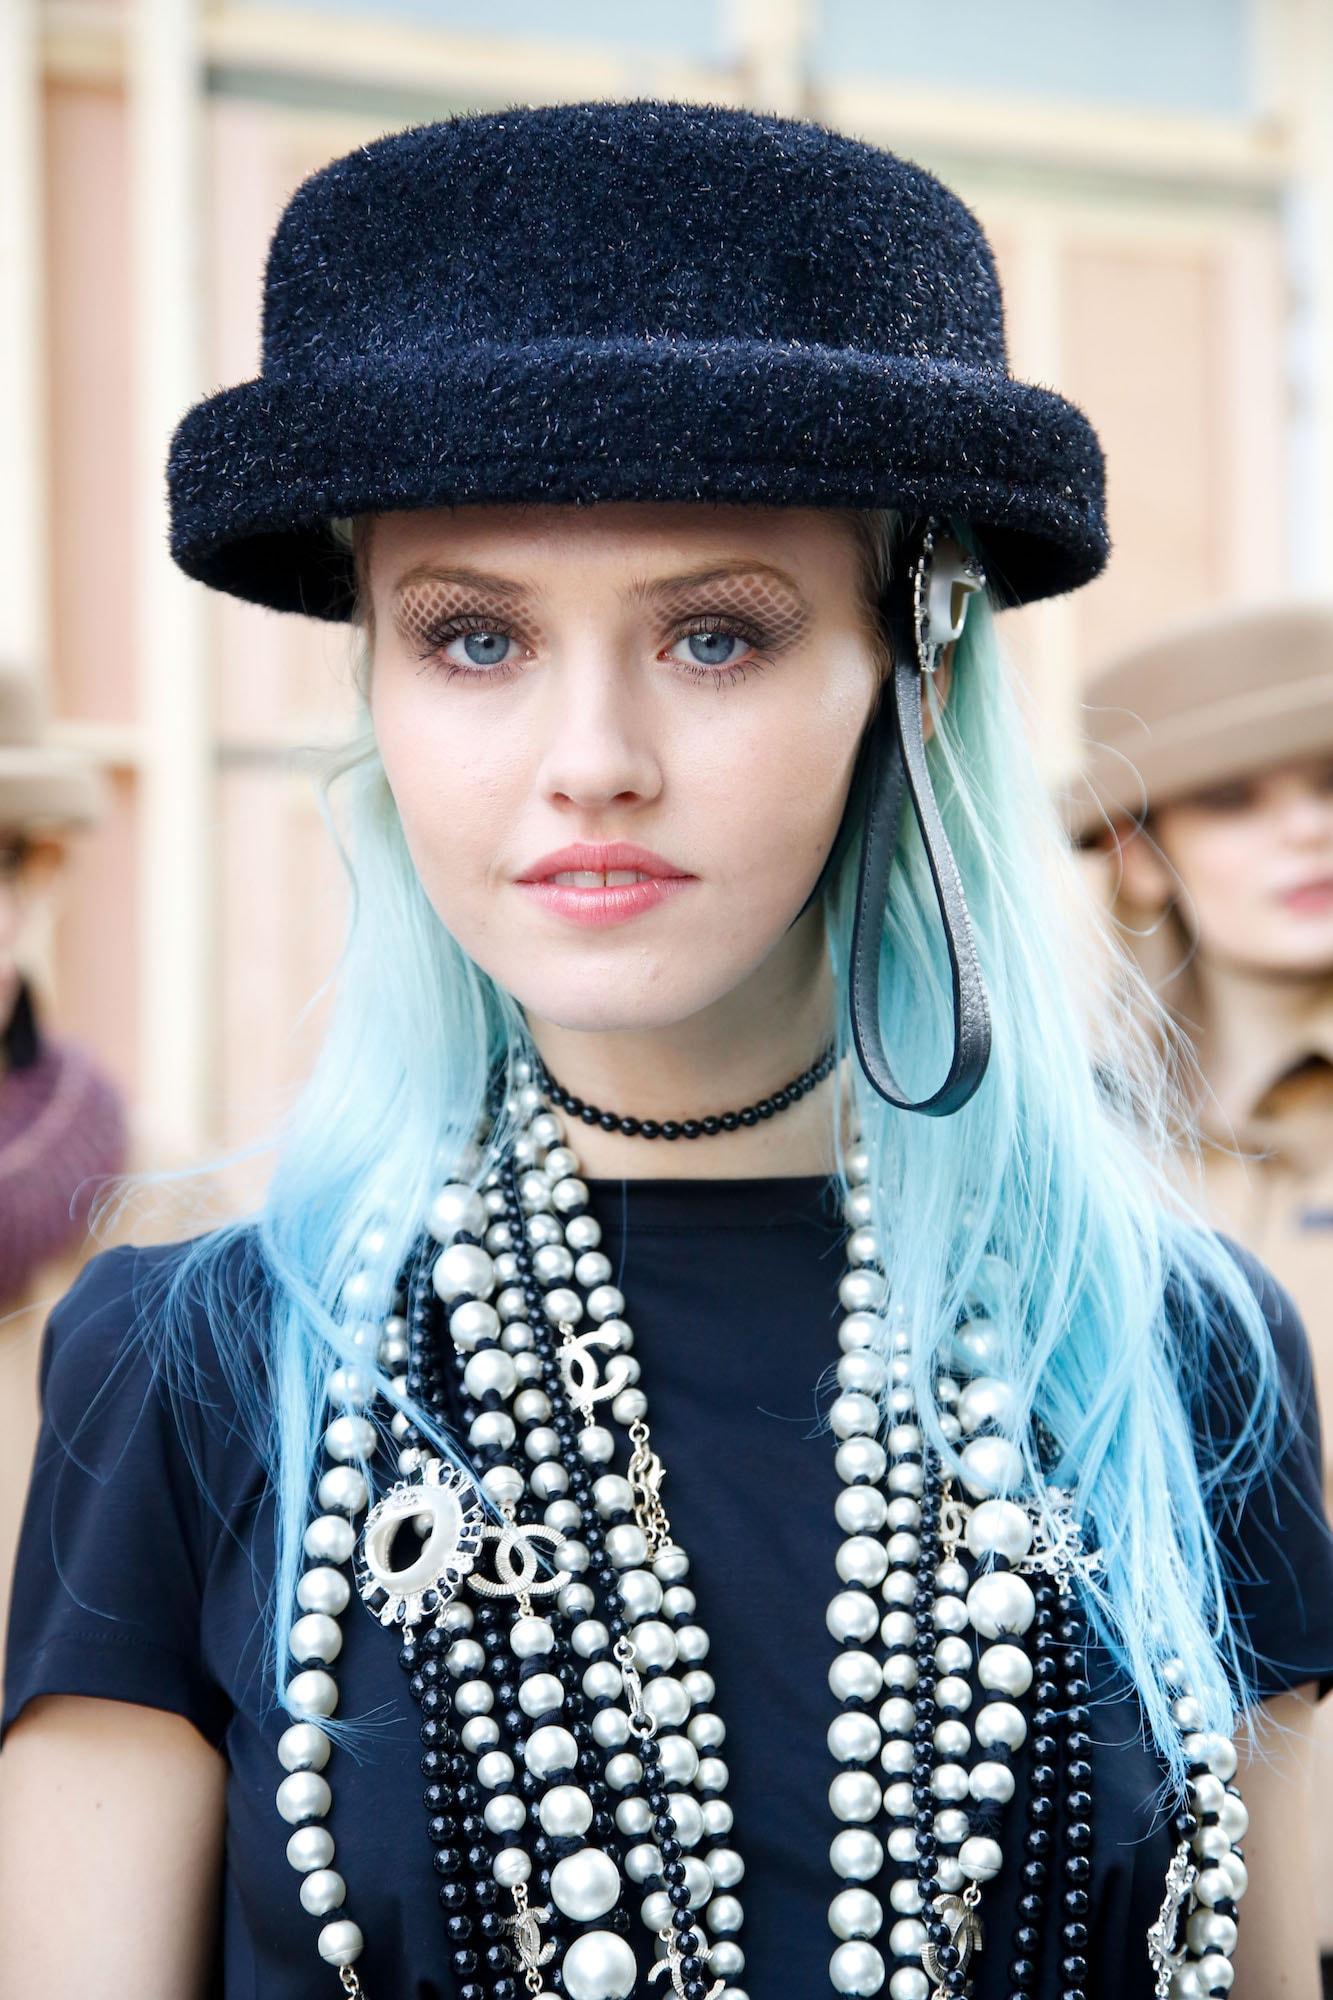 Warna rambut biru pastel panjang.